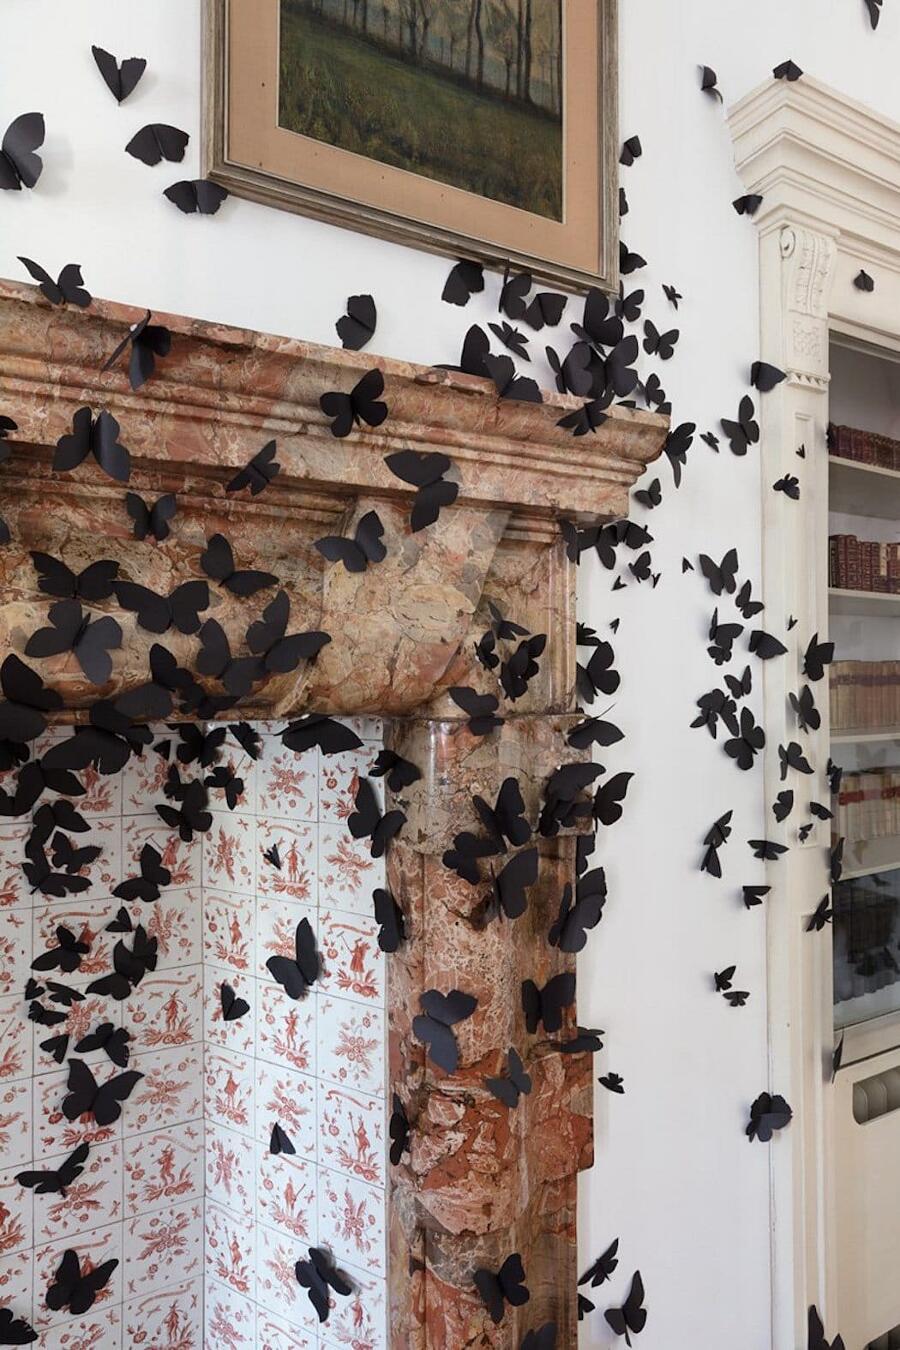 Installazione Farfalle Di Carta Carlos Amorales Fondazione Adolfo Pini